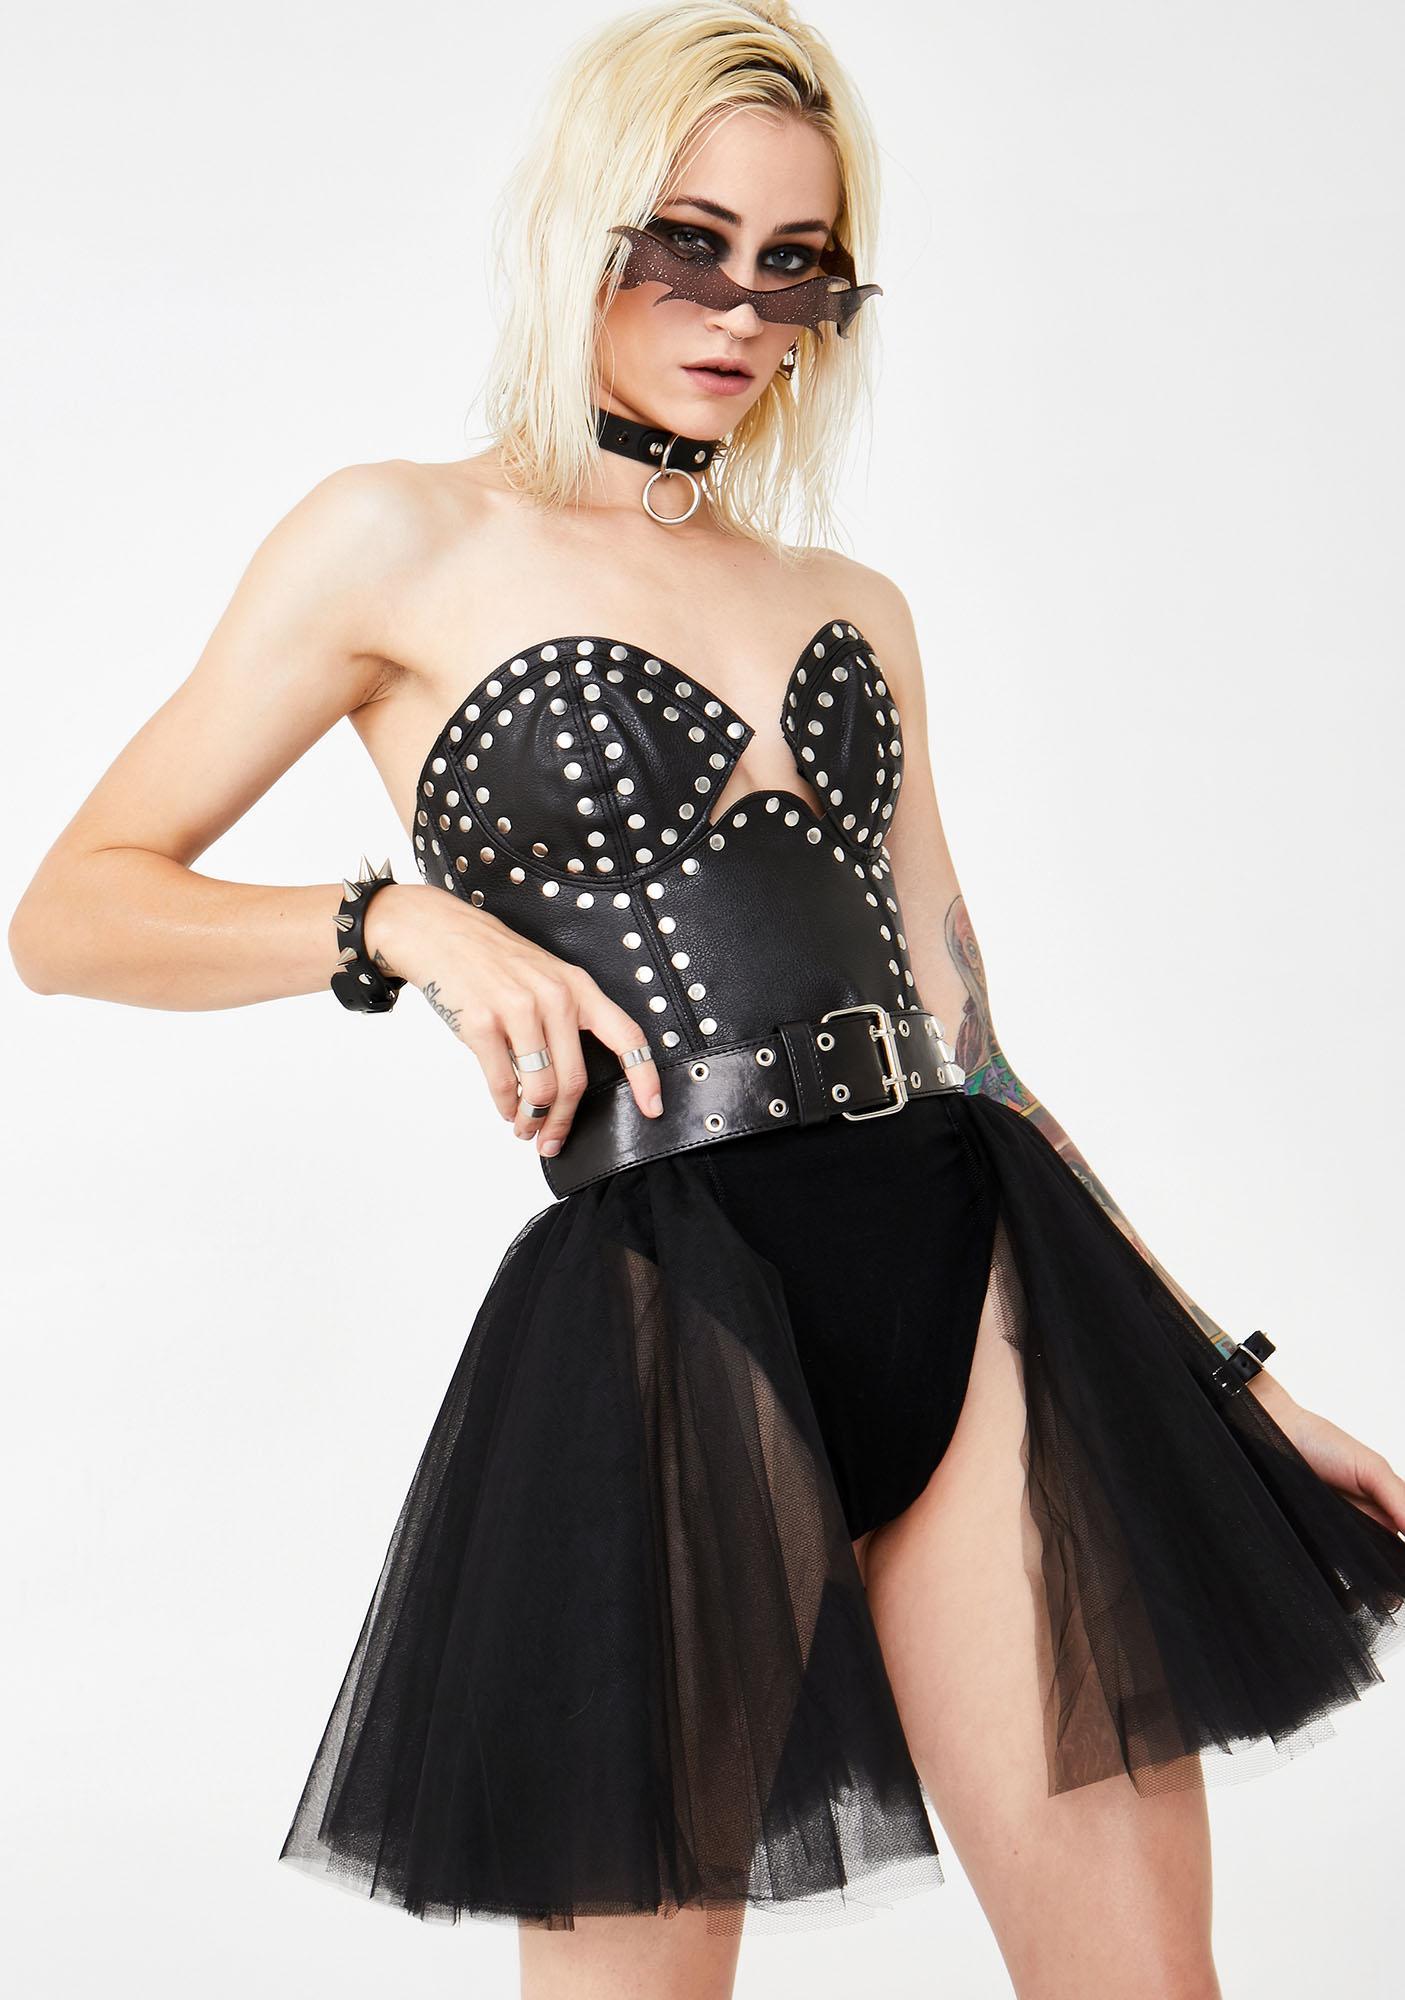 Kiki Riki Catatonic Kitten Tulle Skirt